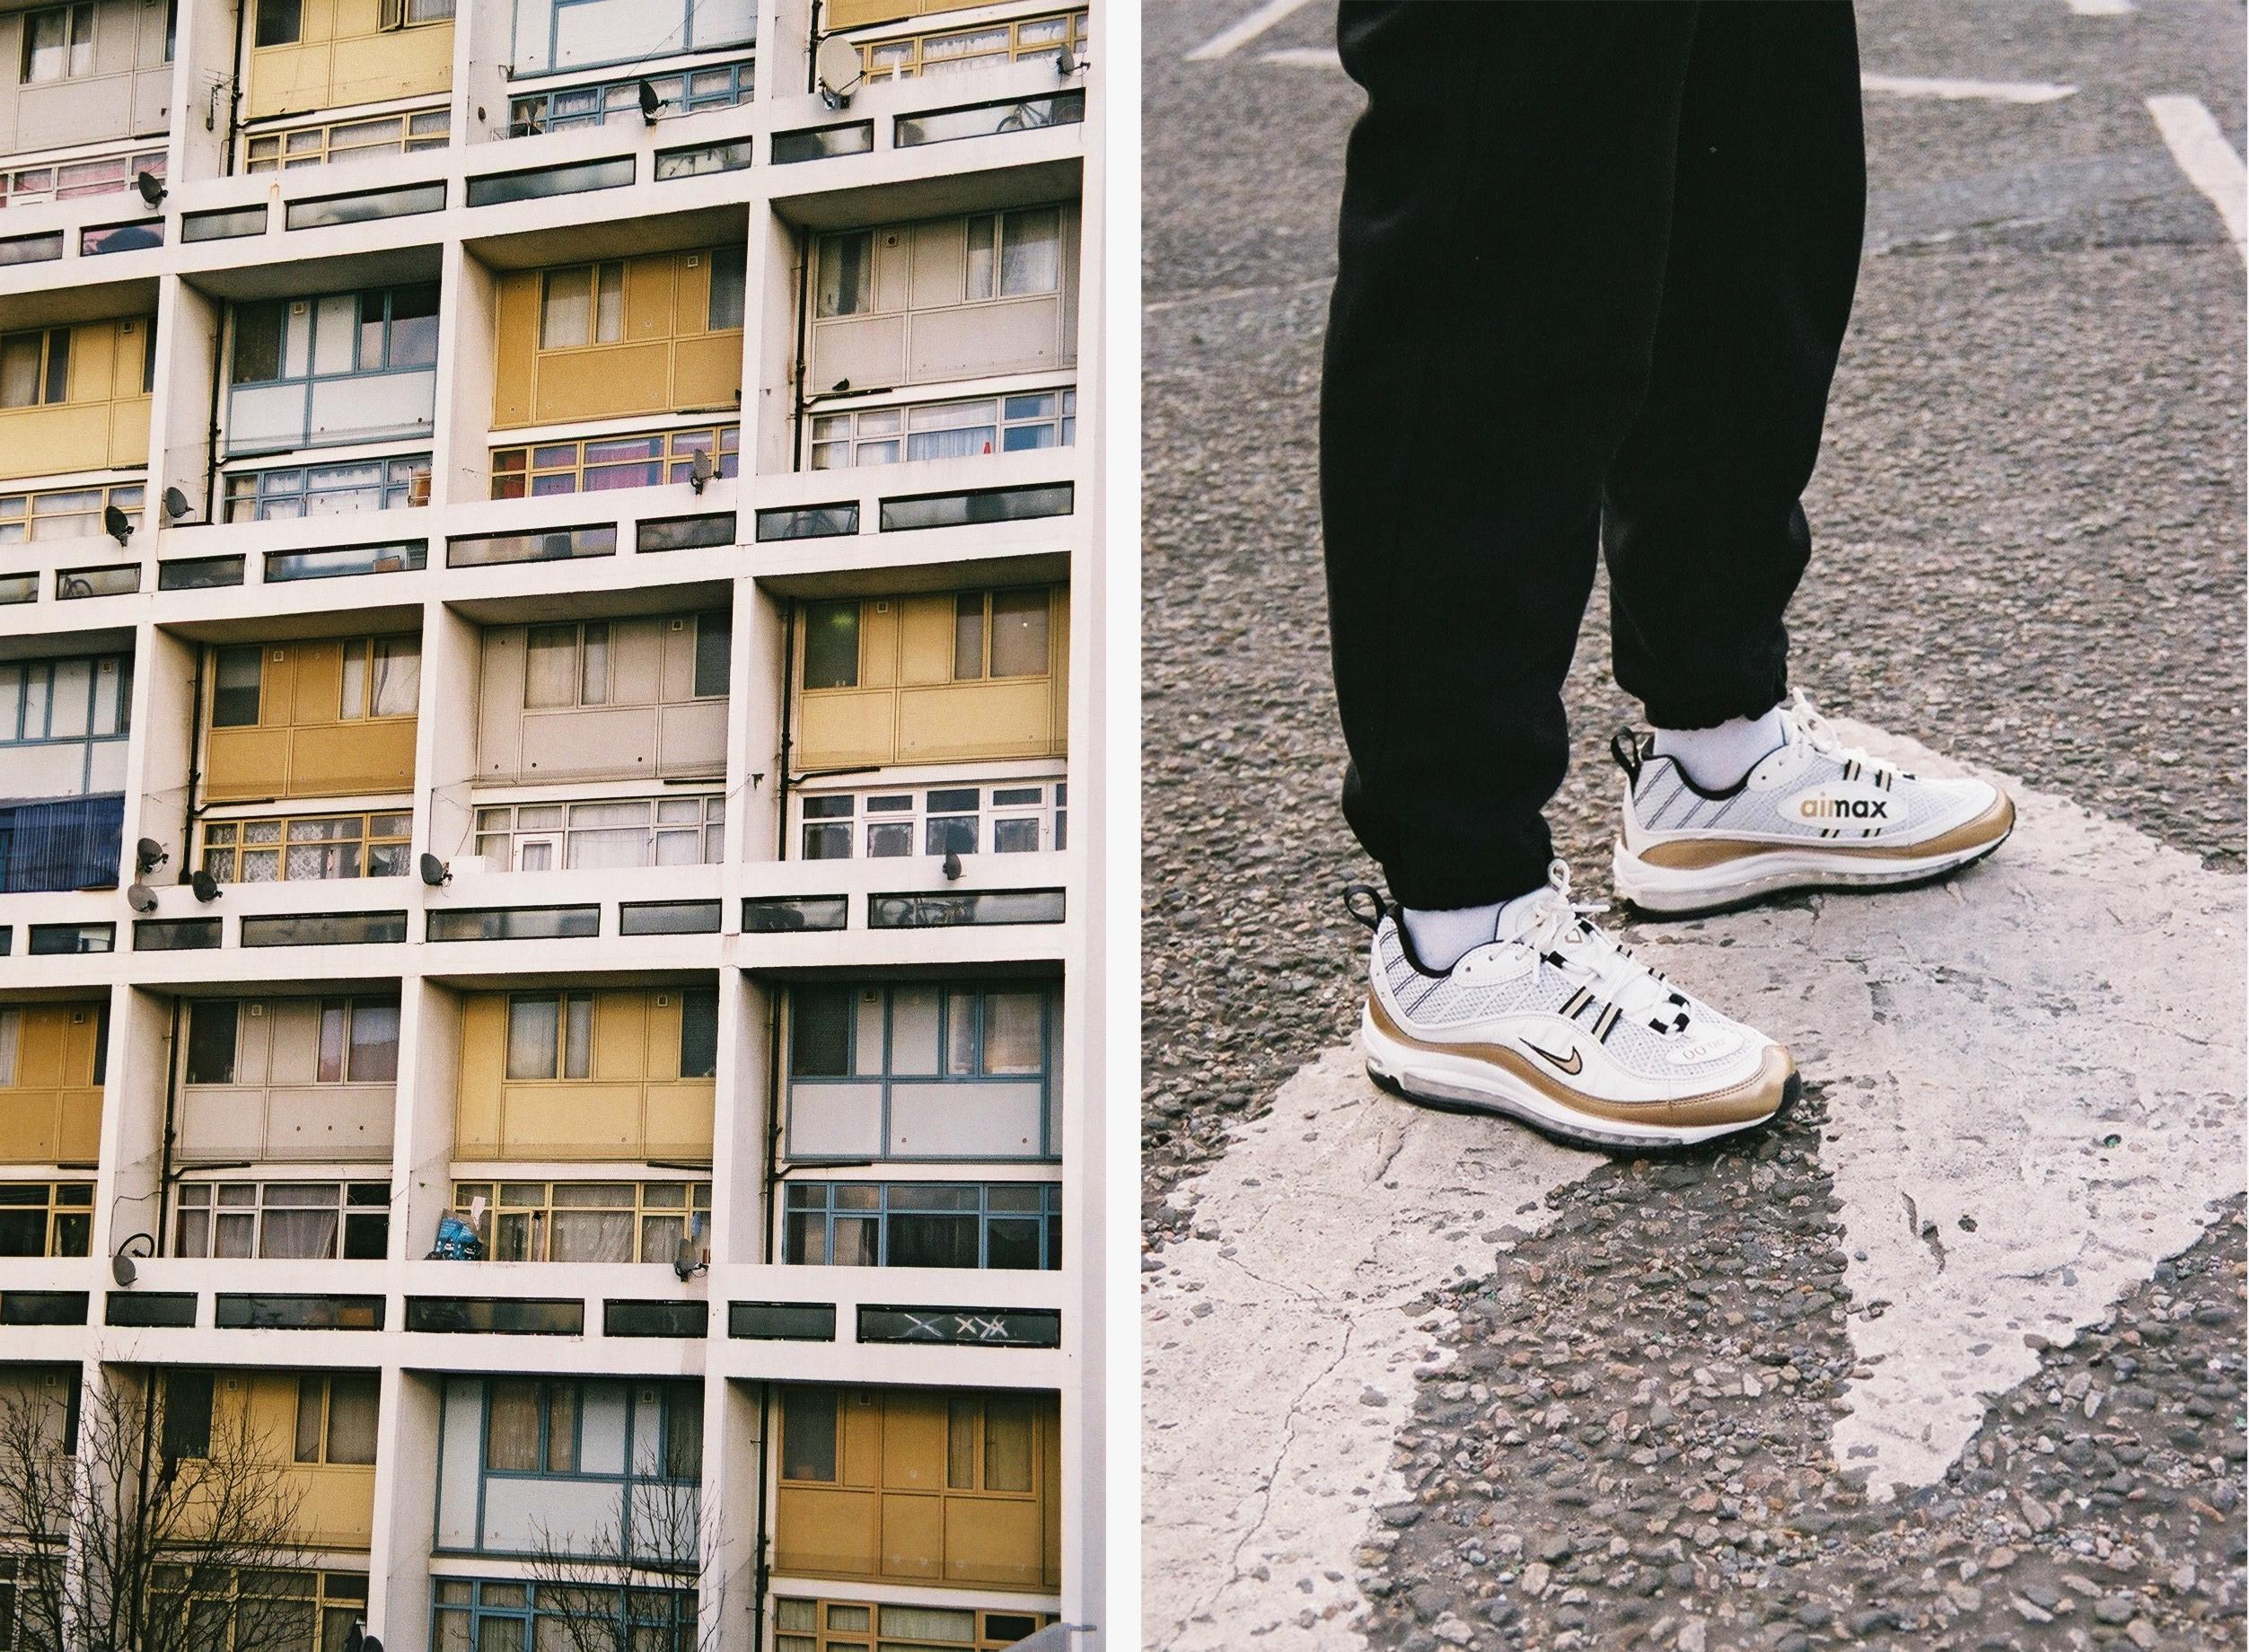 brand new 4a44a 1135a Nike Air Zoom Spiridon & Air Max 98 'GMT' Pack - size? blog